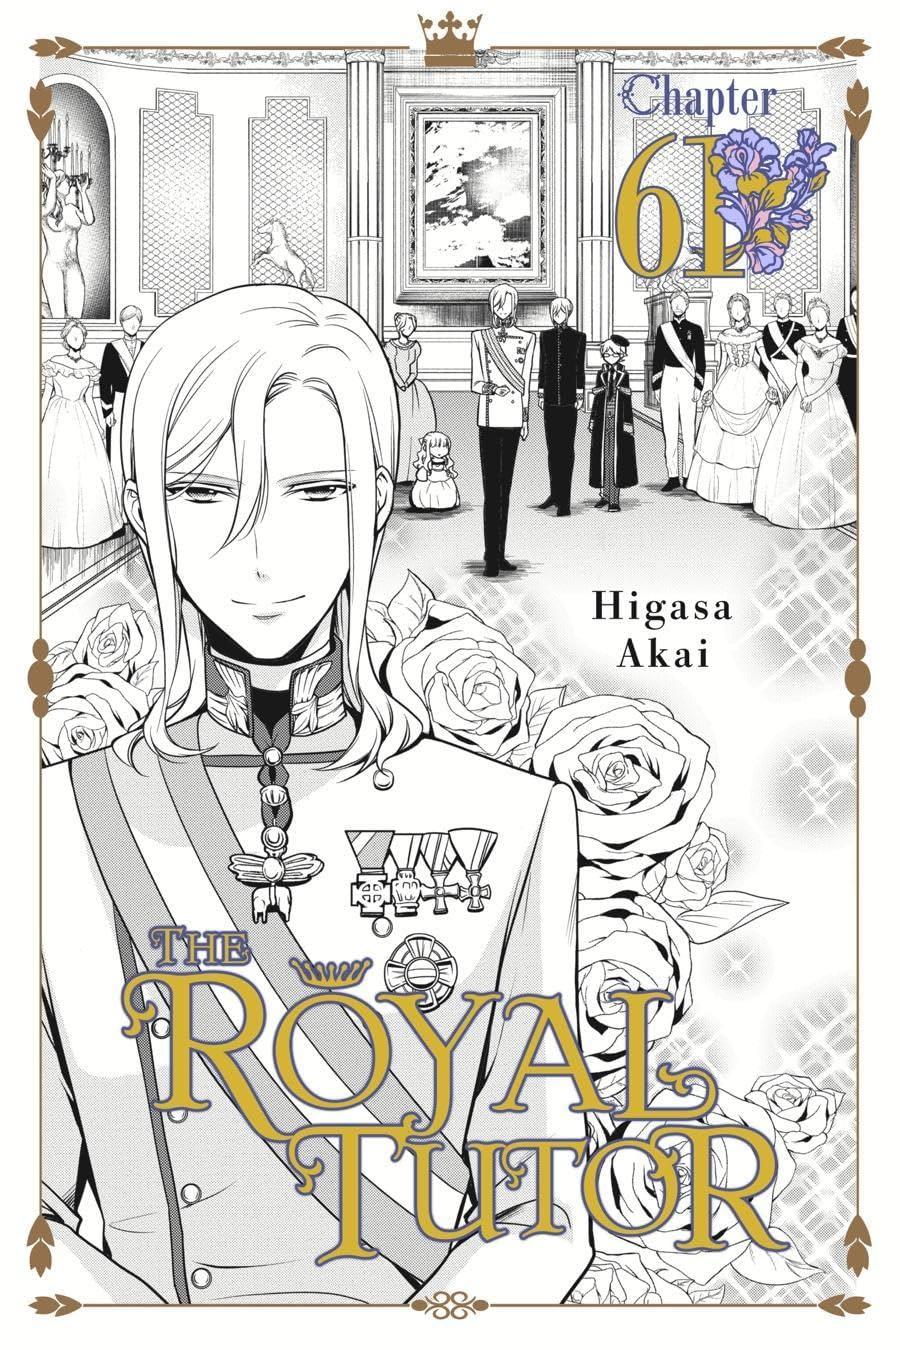 The Royal Tutor #61